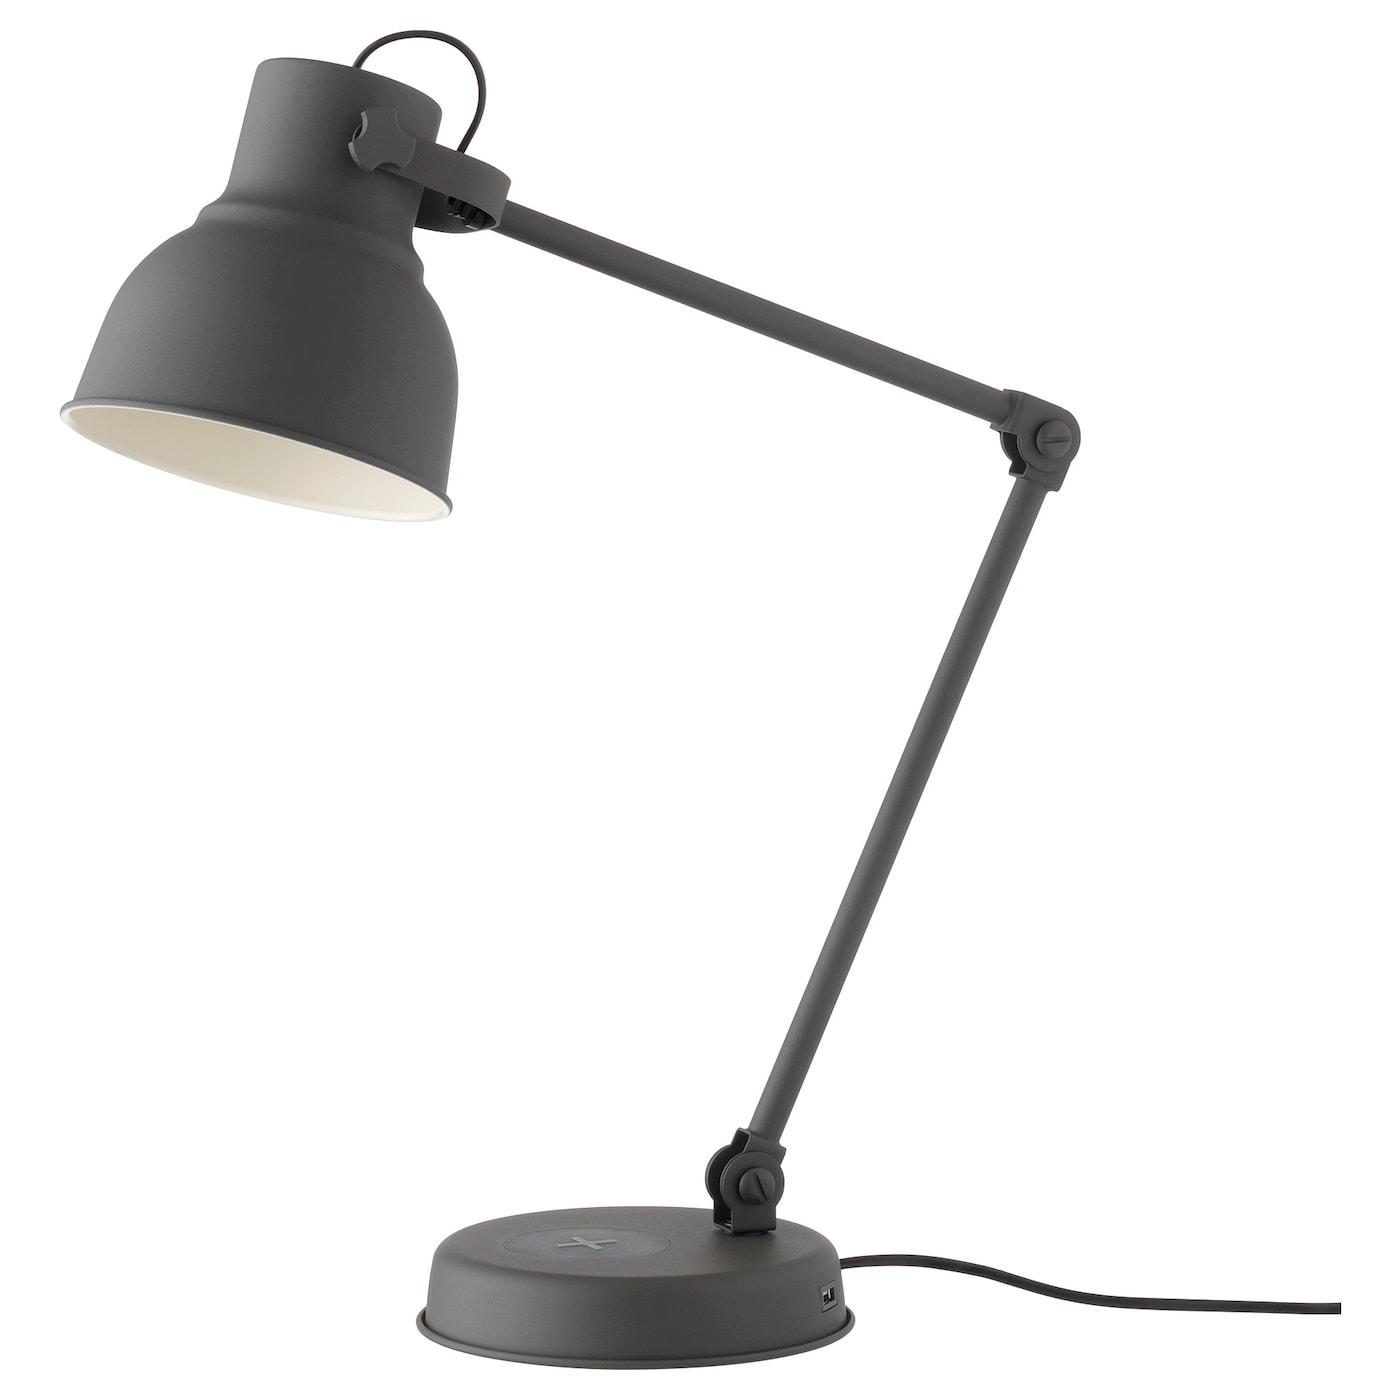 IKEA HEKTAR Arbeitsleuchte mit Ladefunktion (5W), dunkelgrau